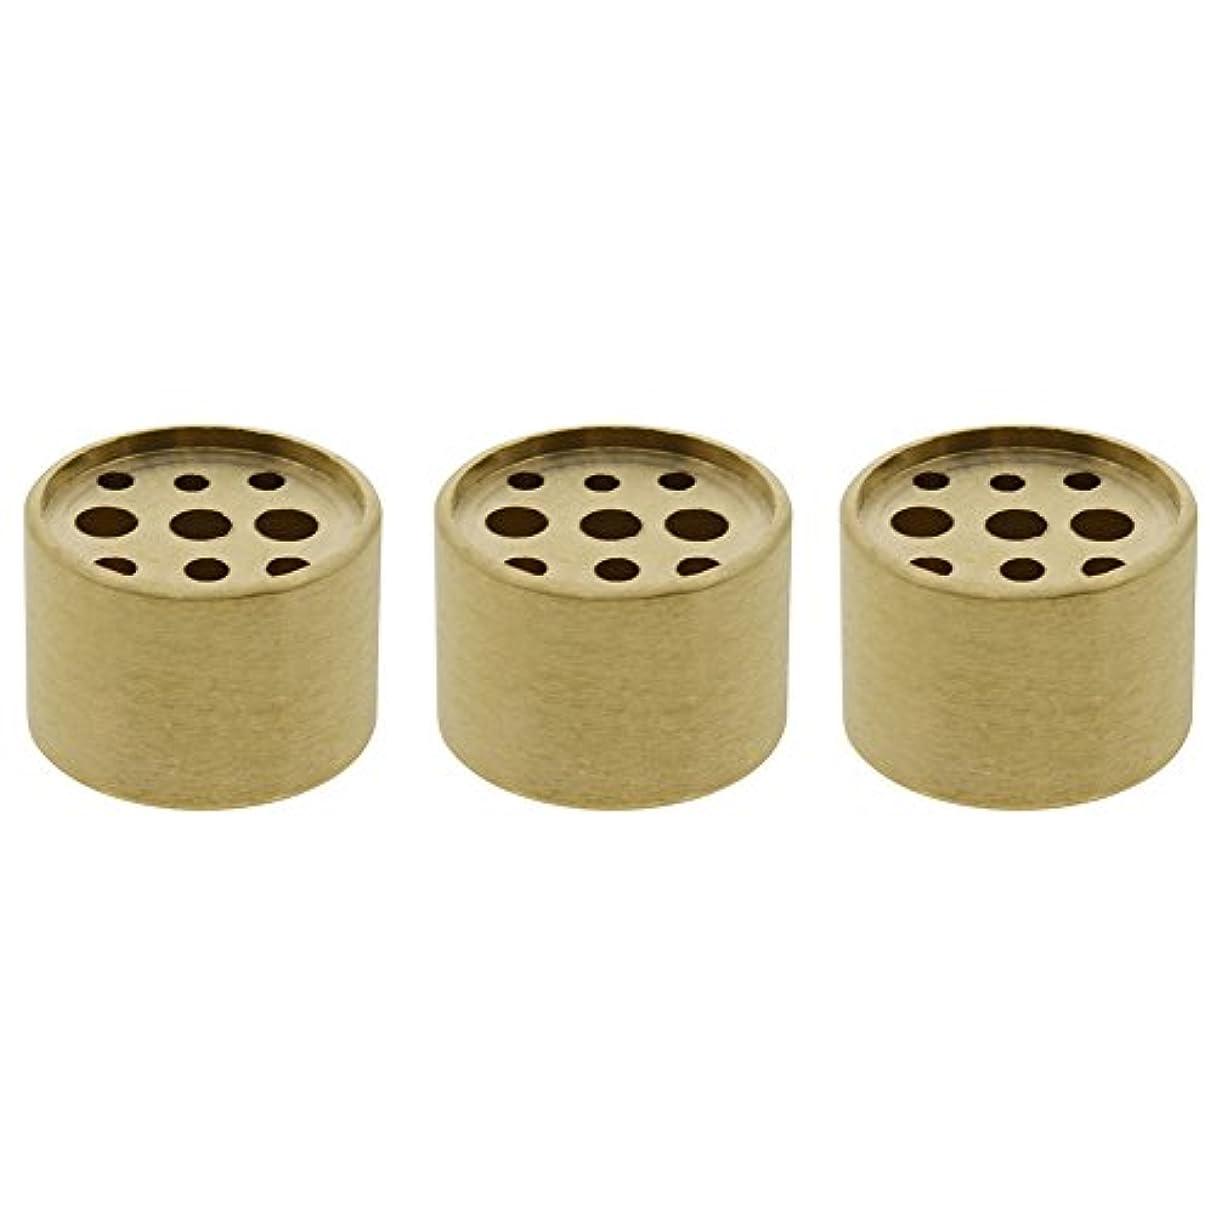 近々誠実砂Saim 3個Fine銅円柱形状Incenseホルダー9穴真鍮LotusスティックBurner for Incense